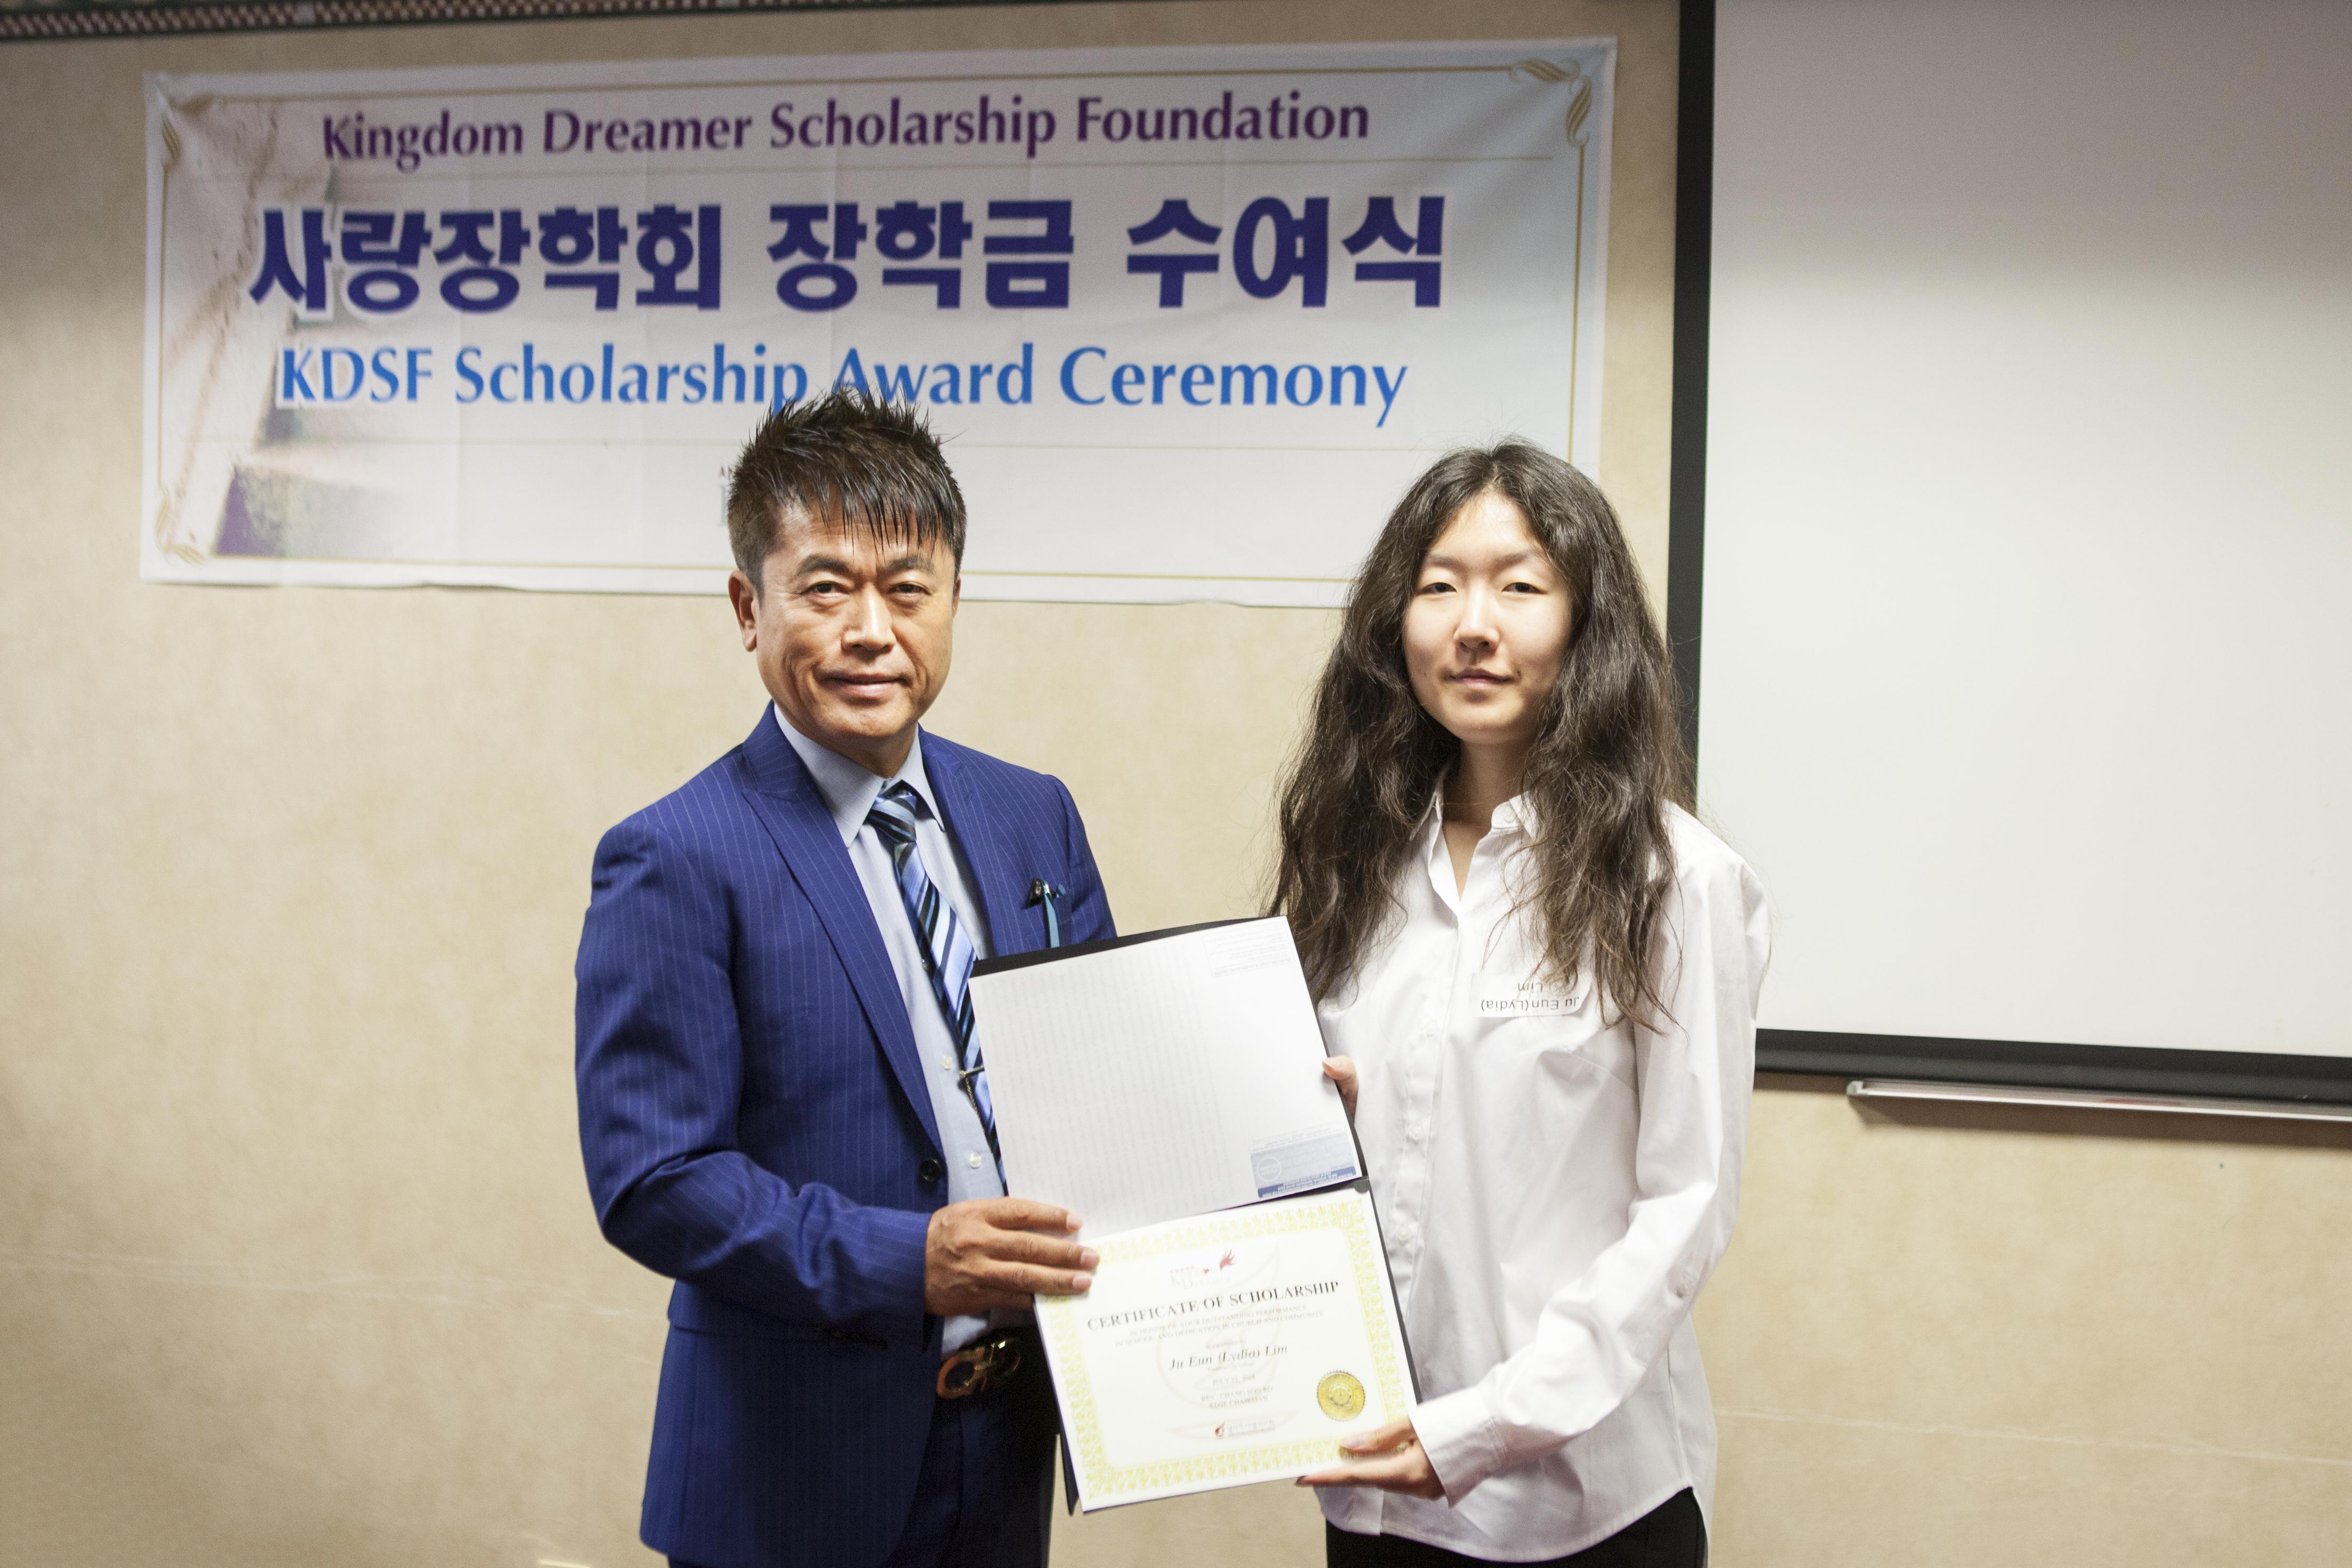 Ju Eun (Lydia) Lim